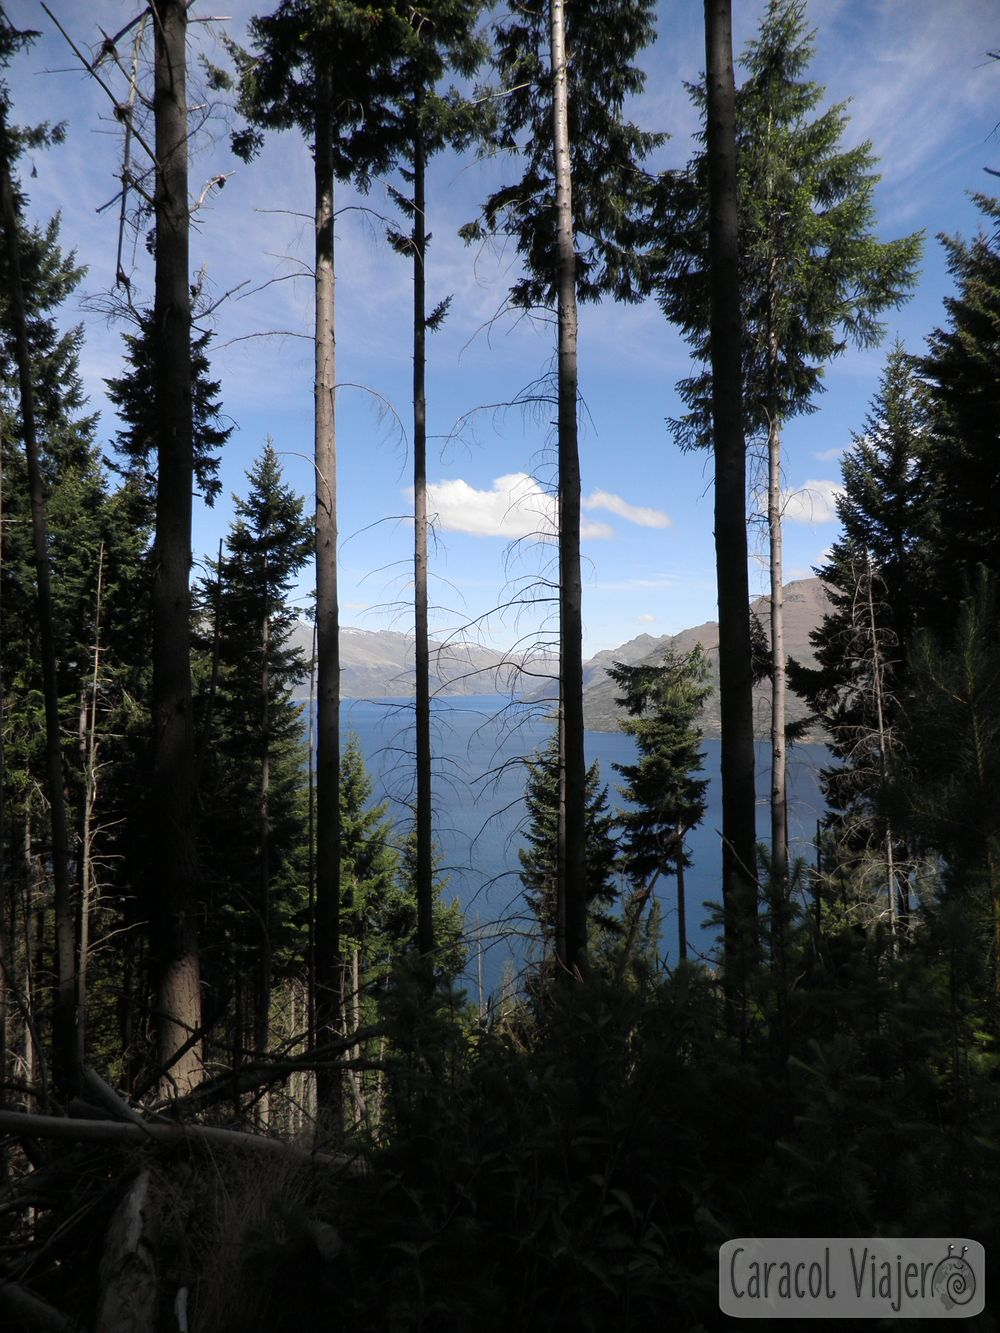 Vistas de la subida a Bob's Peak